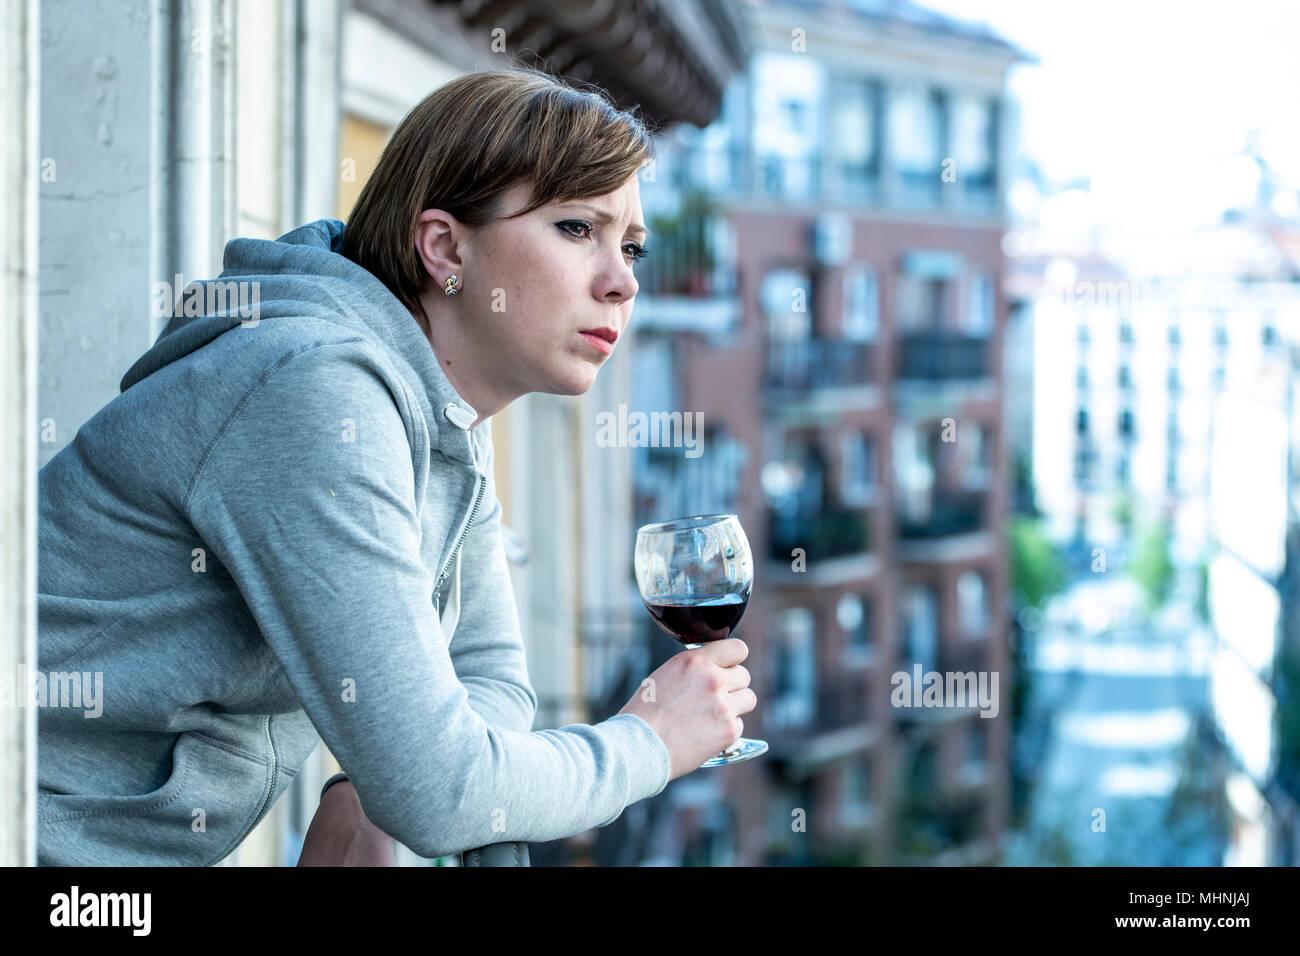 Belle red haired woman souffrant de dépression tenant un verre de vin sur un balcon à la maison. Staring out sentiment de tristesse, de douleur et de chagrin. Photo Stock